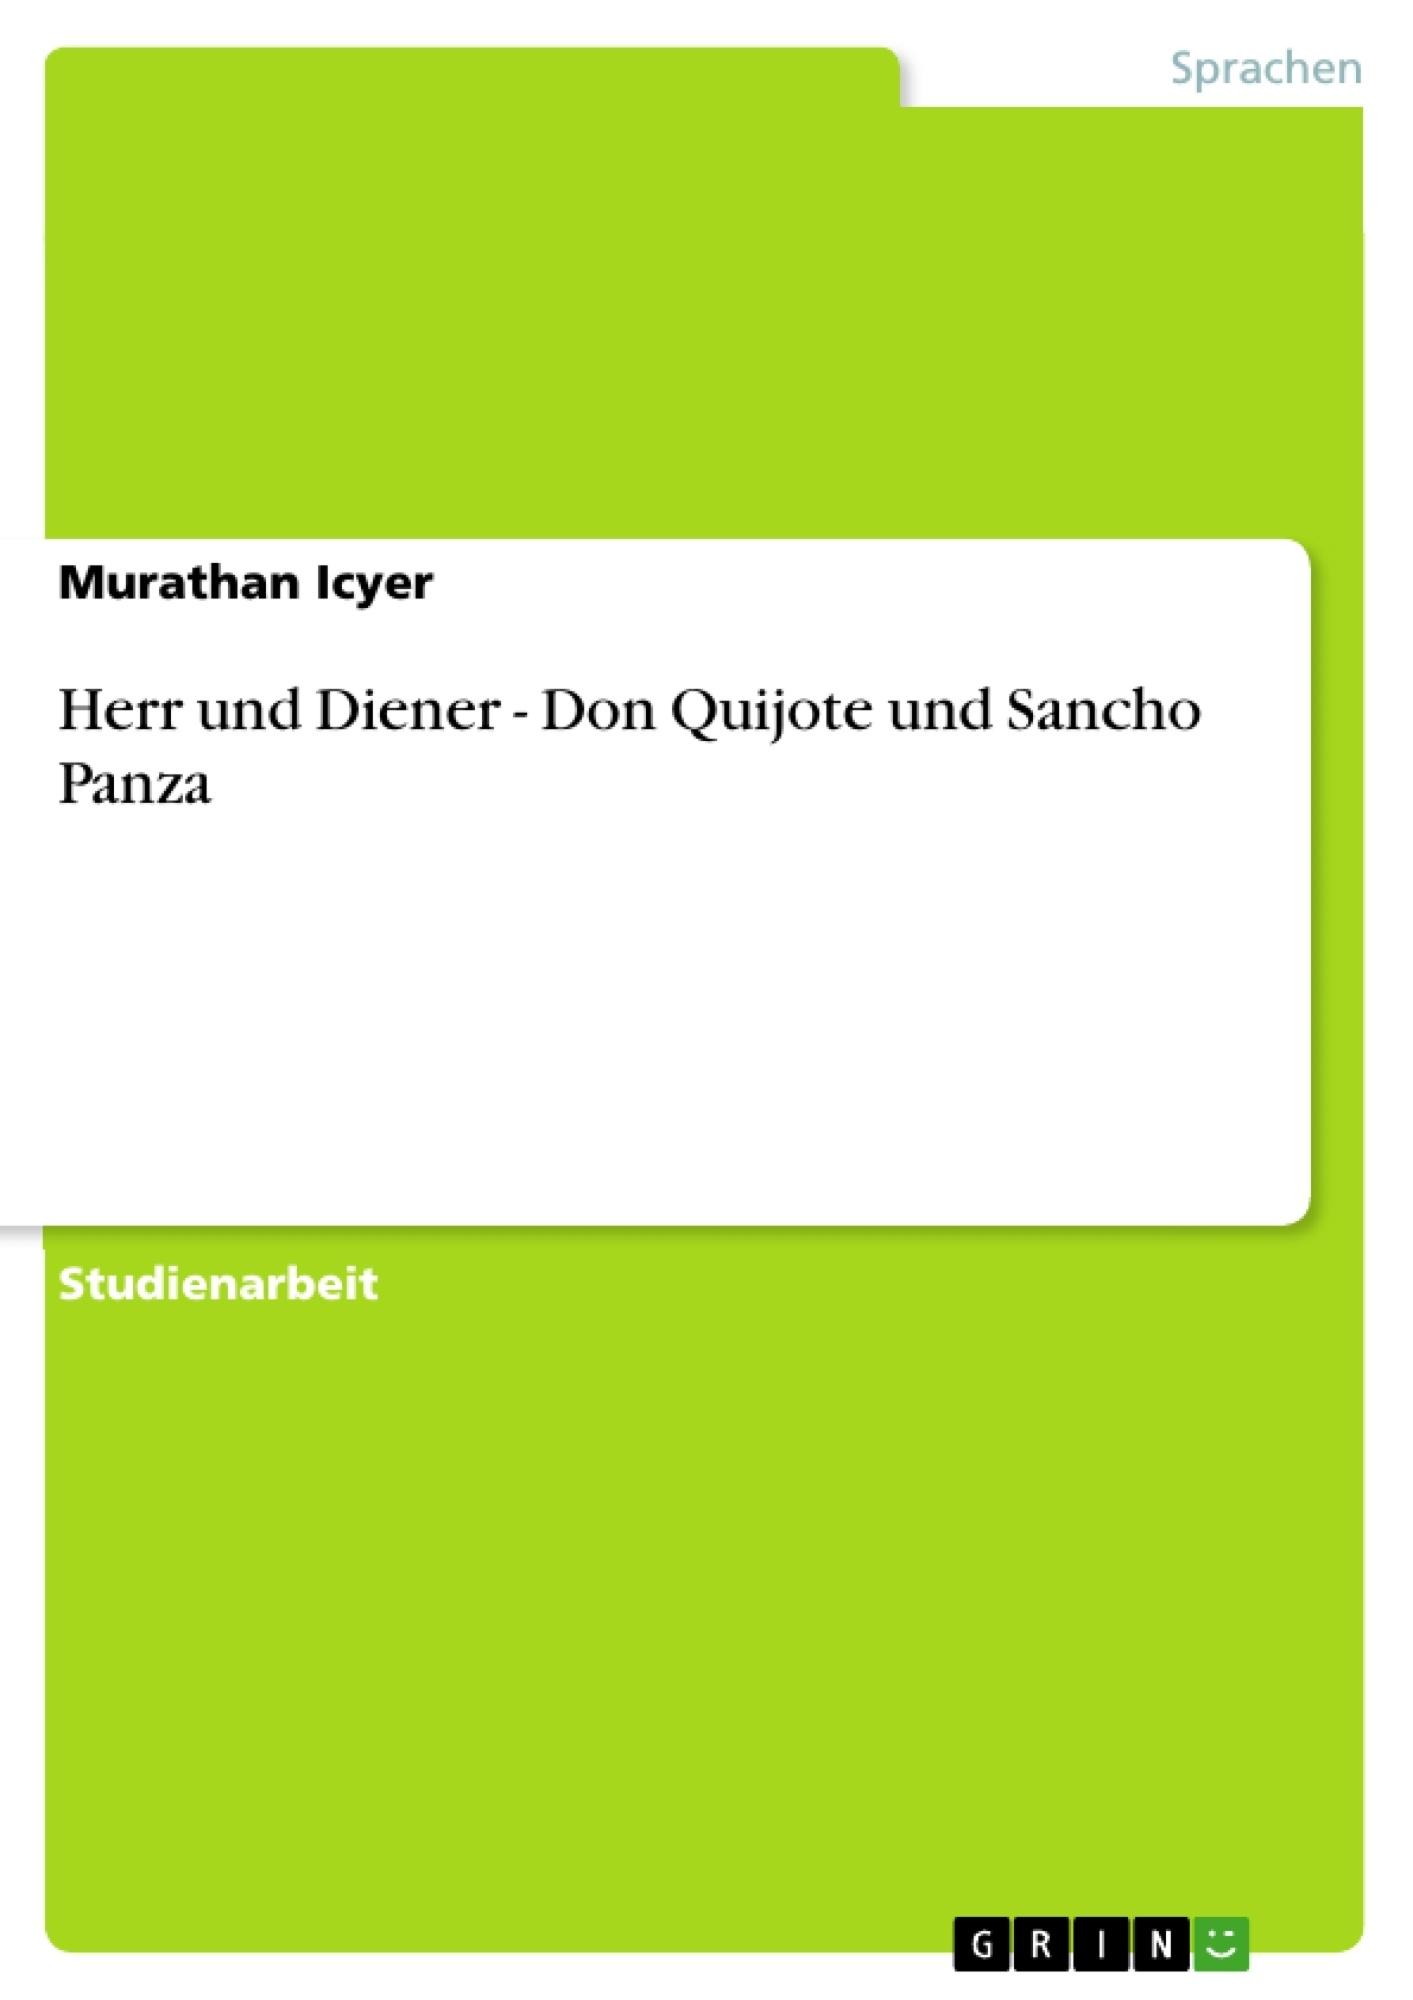 Titel: Herr und Diener  - Don Quijote und Sancho Panza